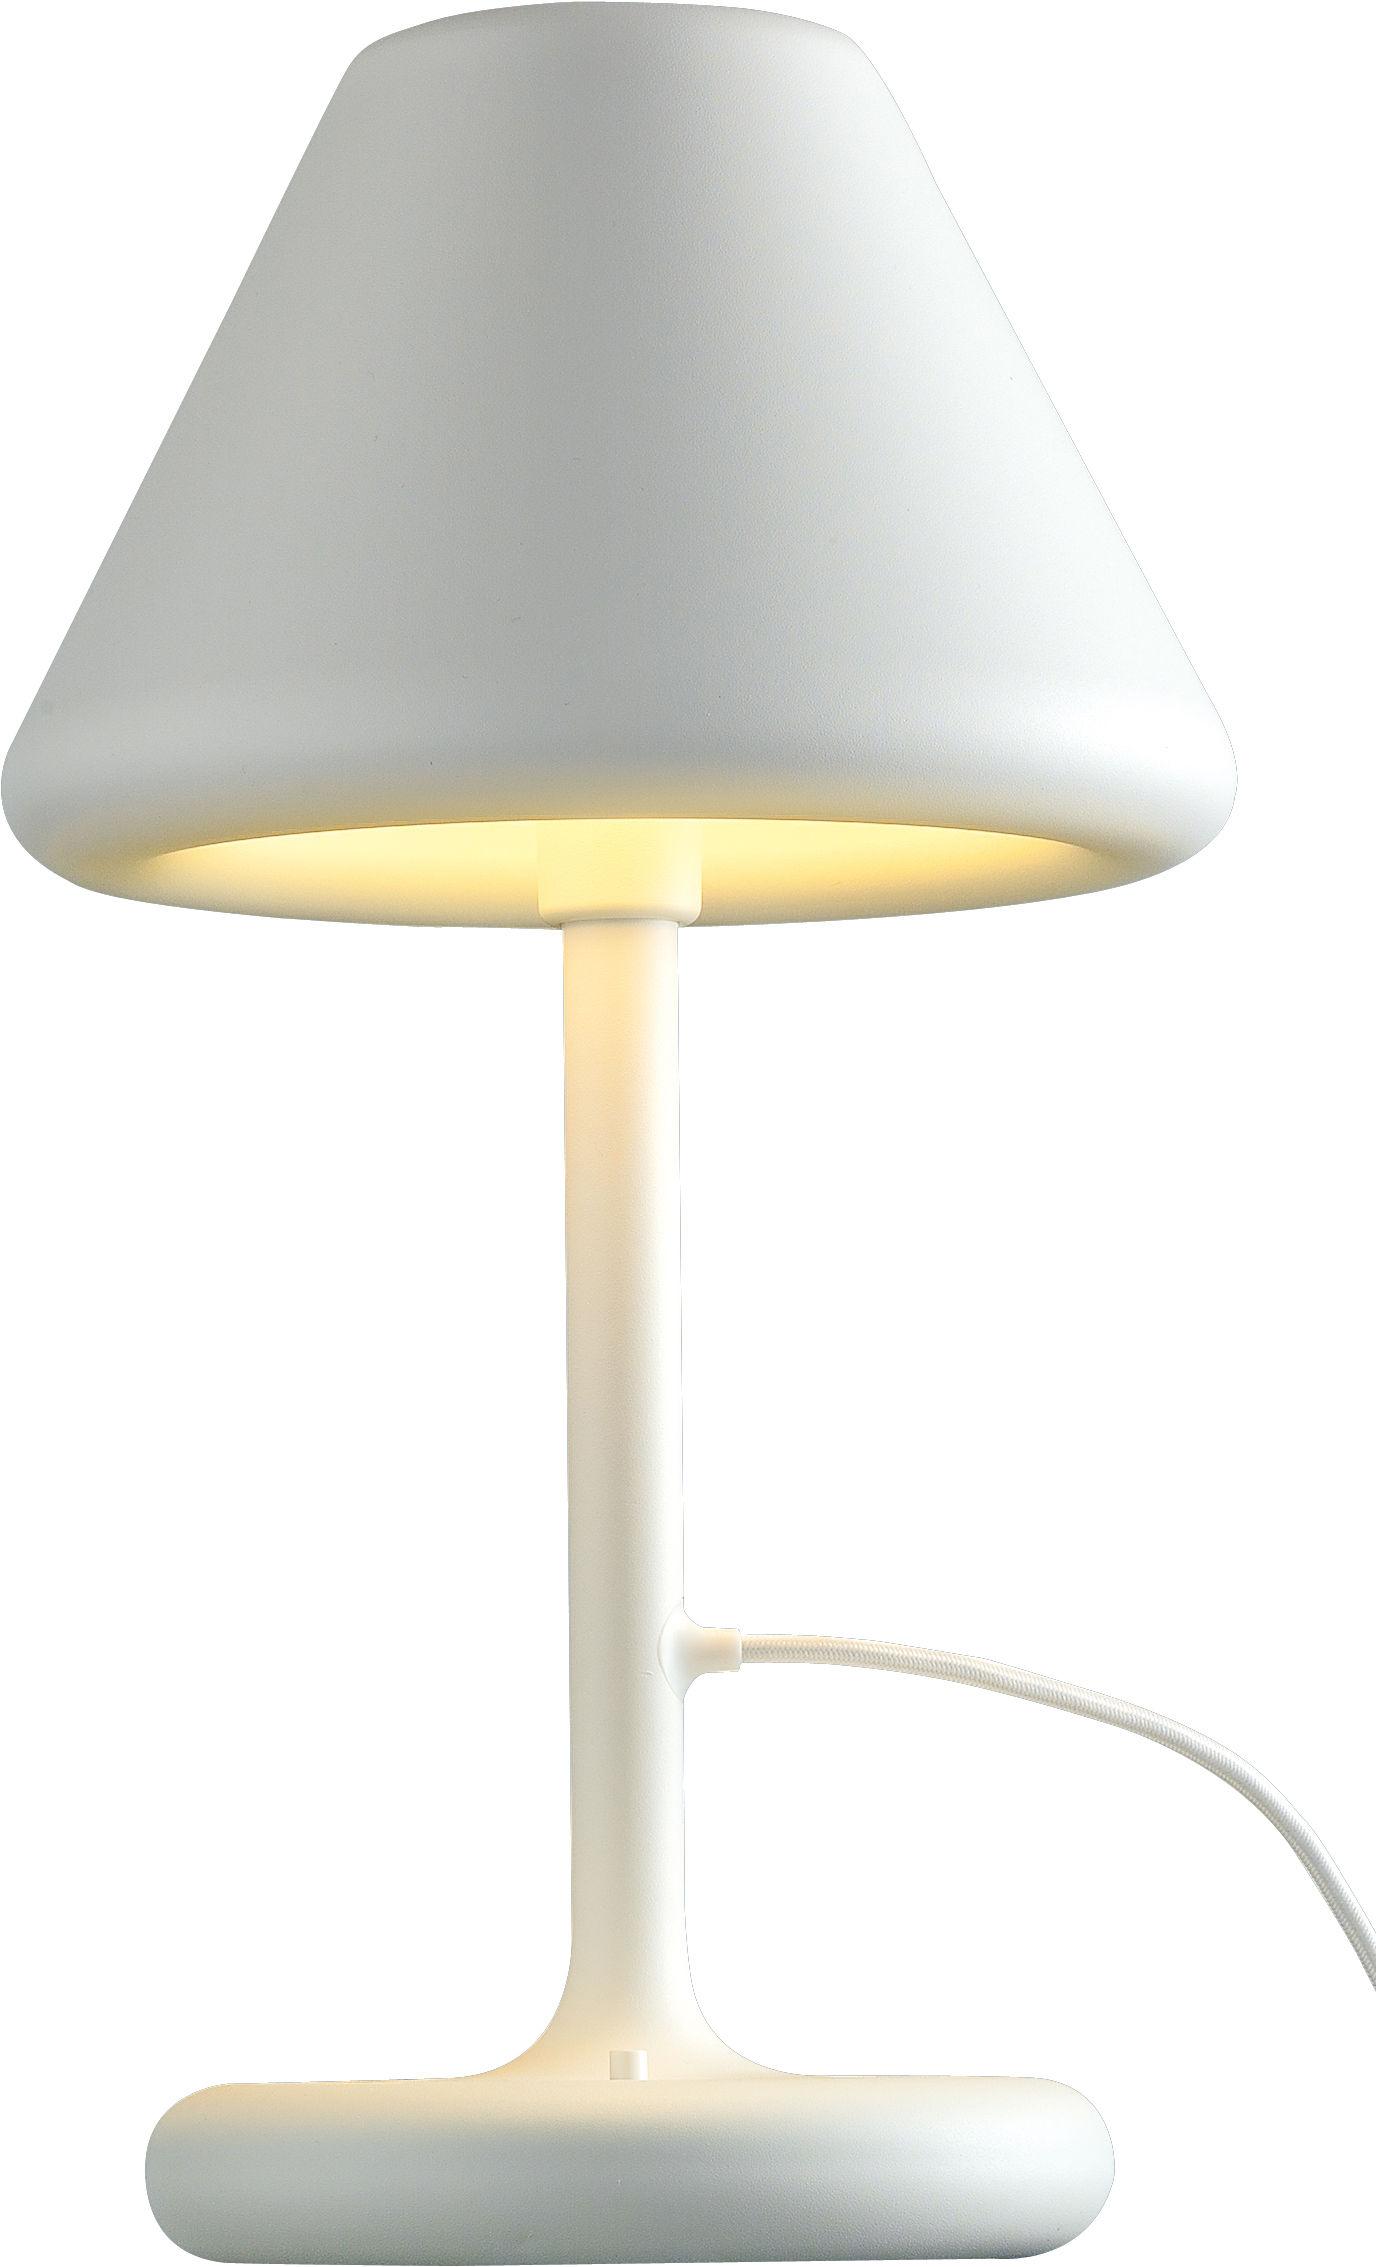 lampe de table oj blanc louis poulsen. Black Bedroom Furniture Sets. Home Design Ideas